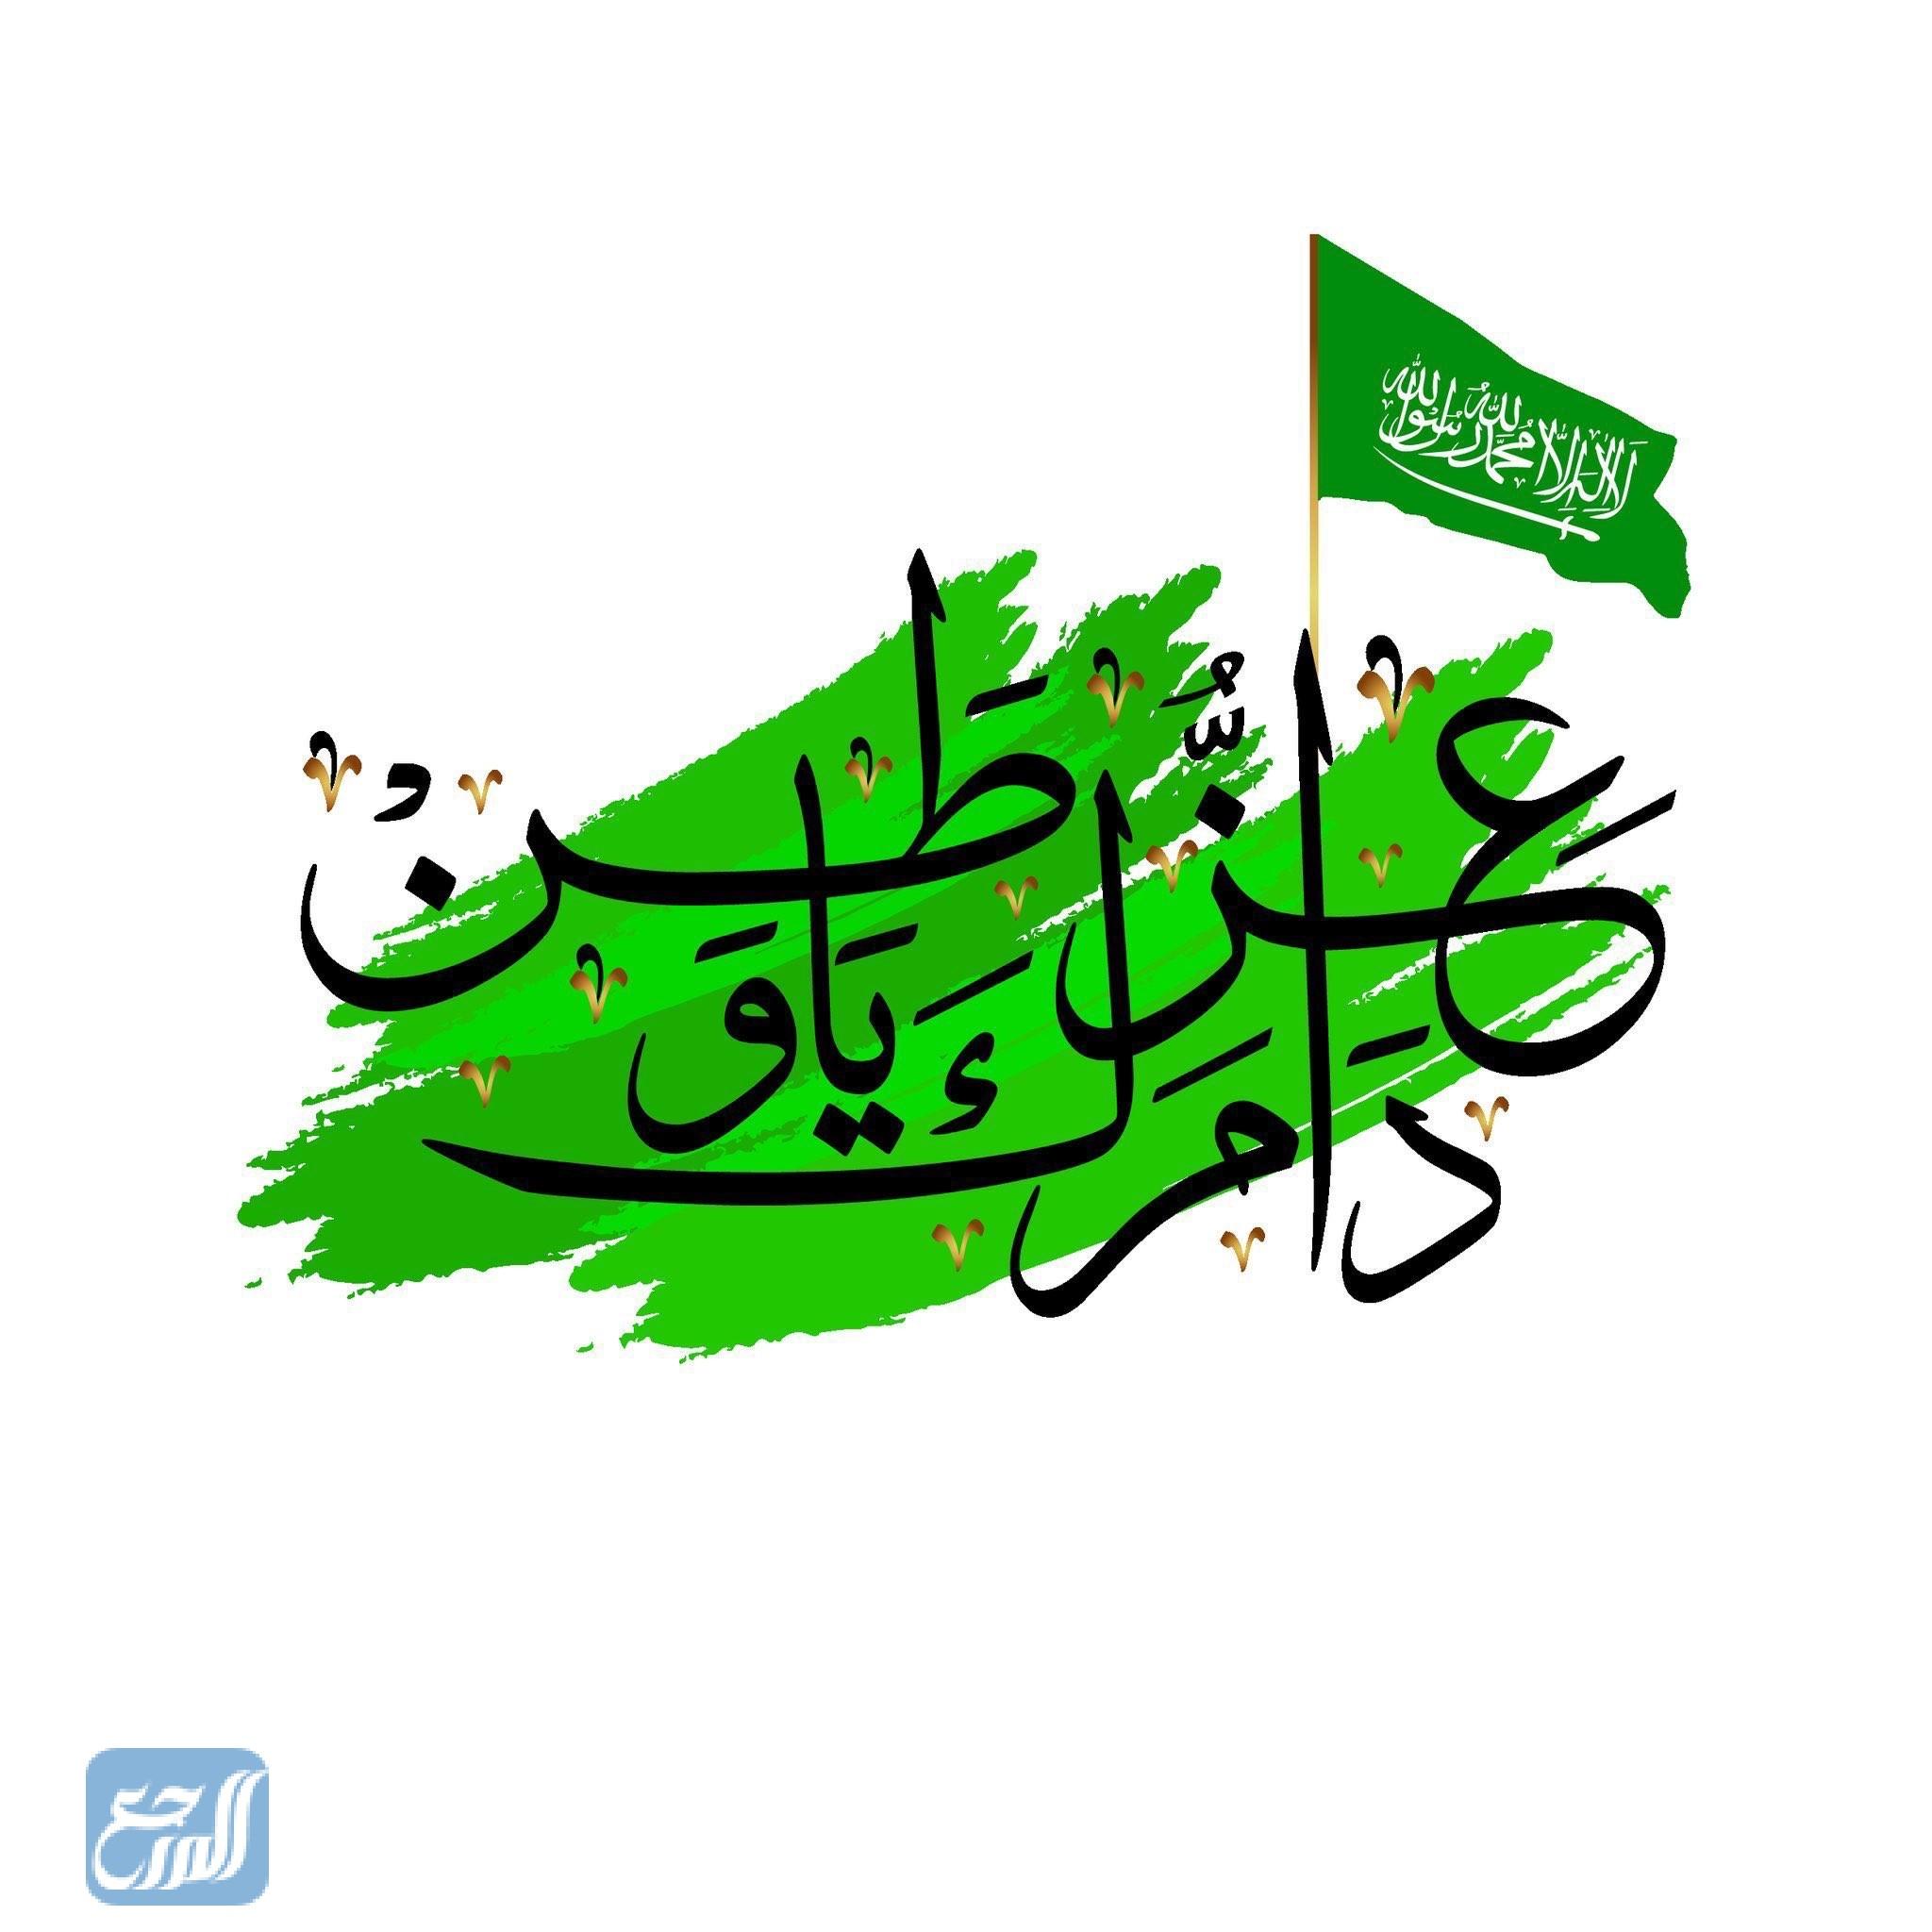 بطاقات تهنئة اليوم الوطني السعودي 91 لعام 2021 - 1443